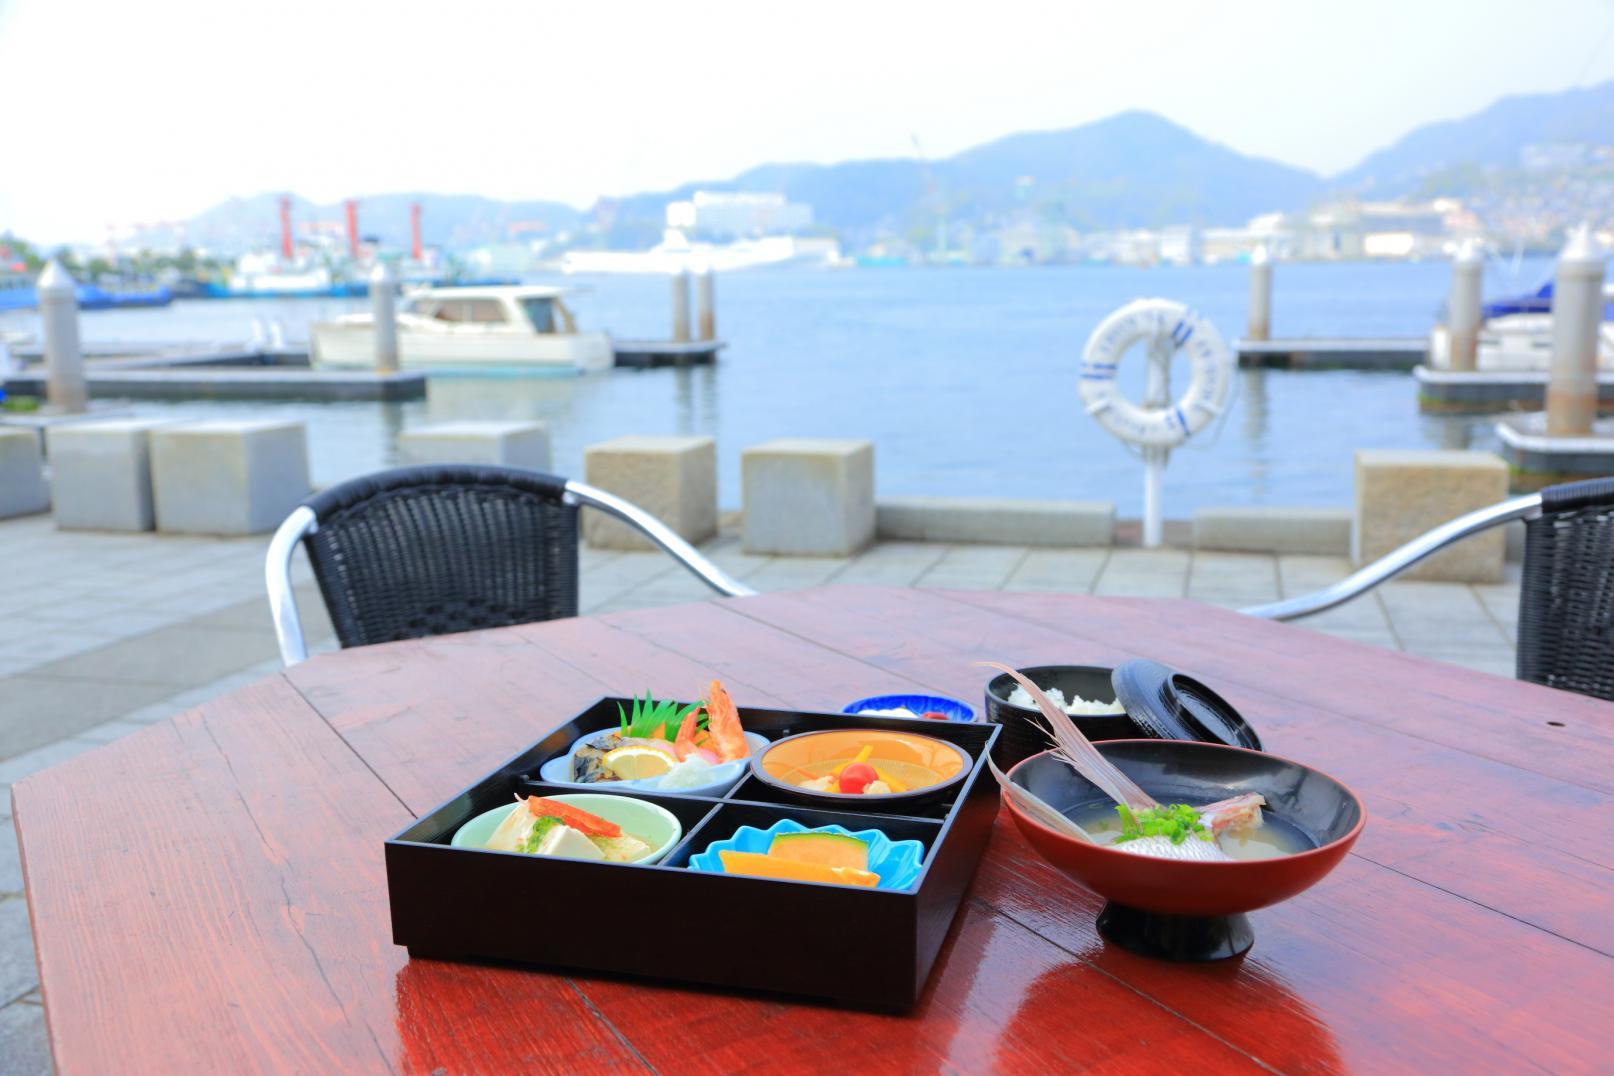 【期間限定】「長崎ならではの素材を使った朝ごはん」と「朝から始めるアクティビティ」をセットにした宿泊プラン「朝たび長崎」-2